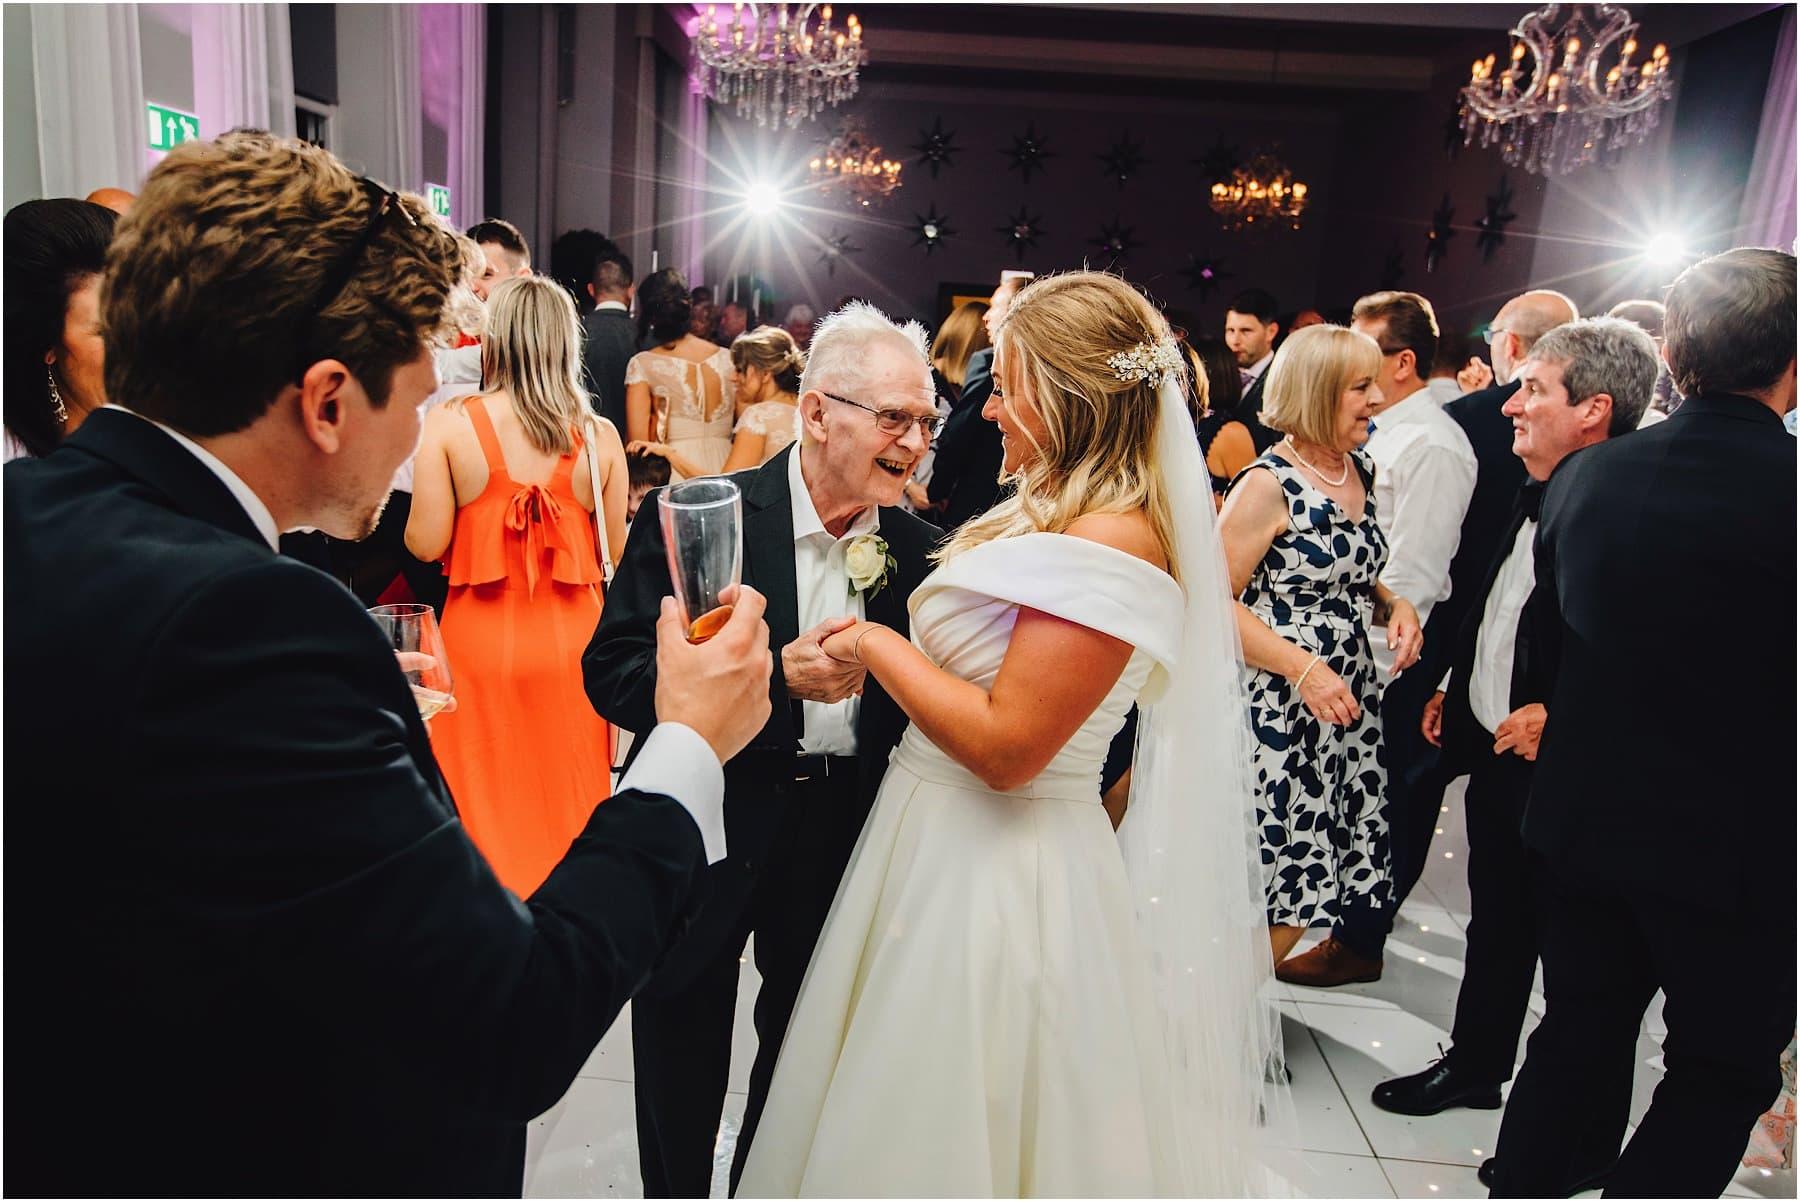 brides grandad dancing with bride